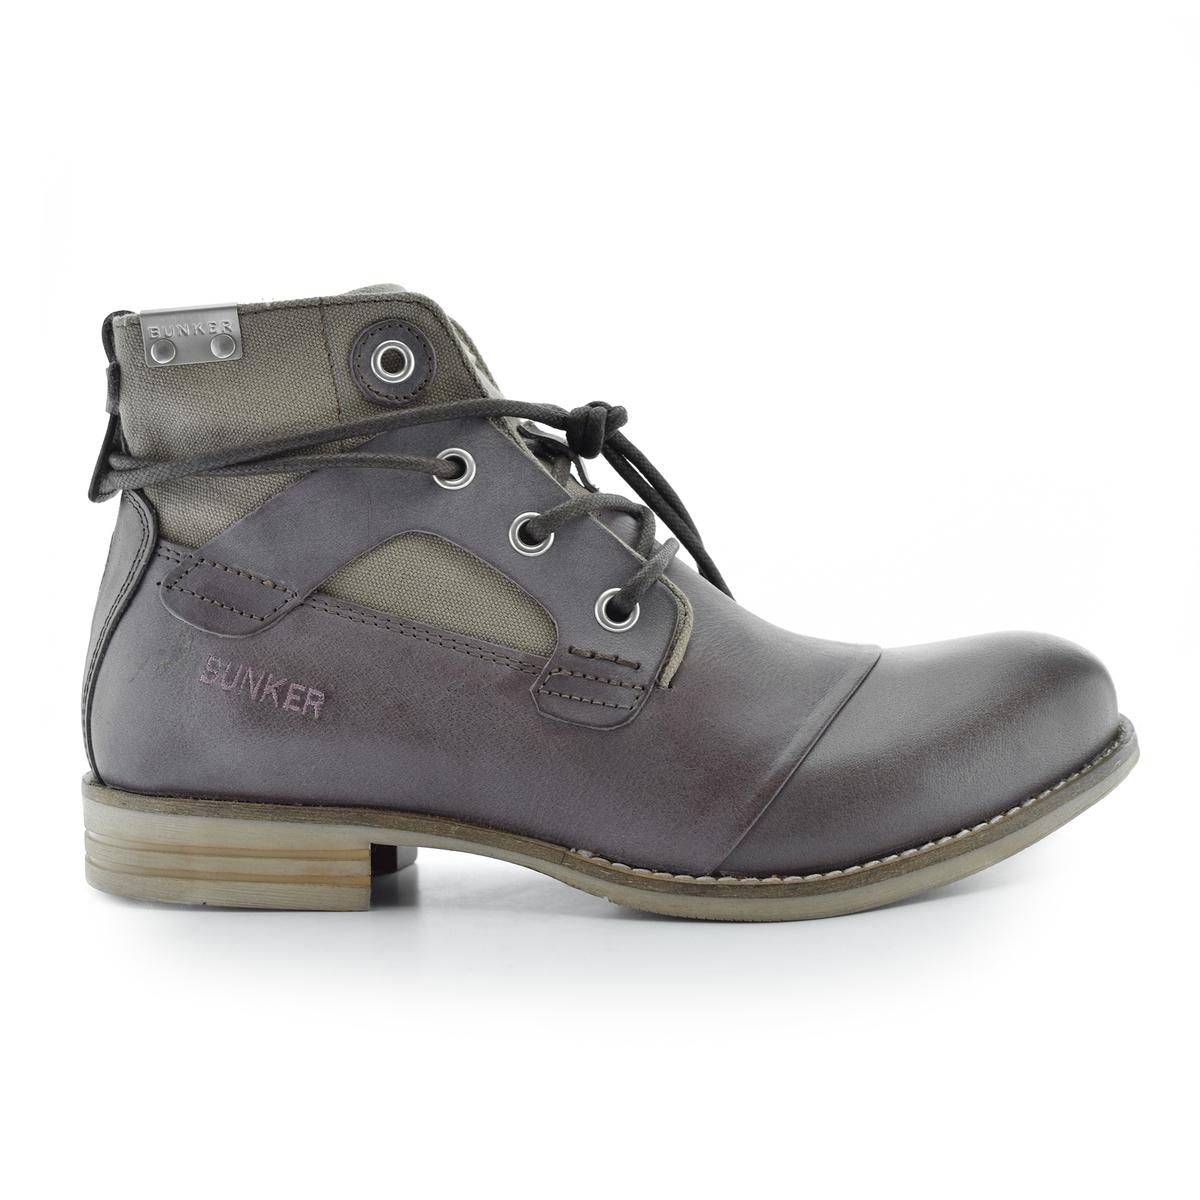 Ботильоны кожаные на шнуровке Yon ботильоны на шнуровке sangoan